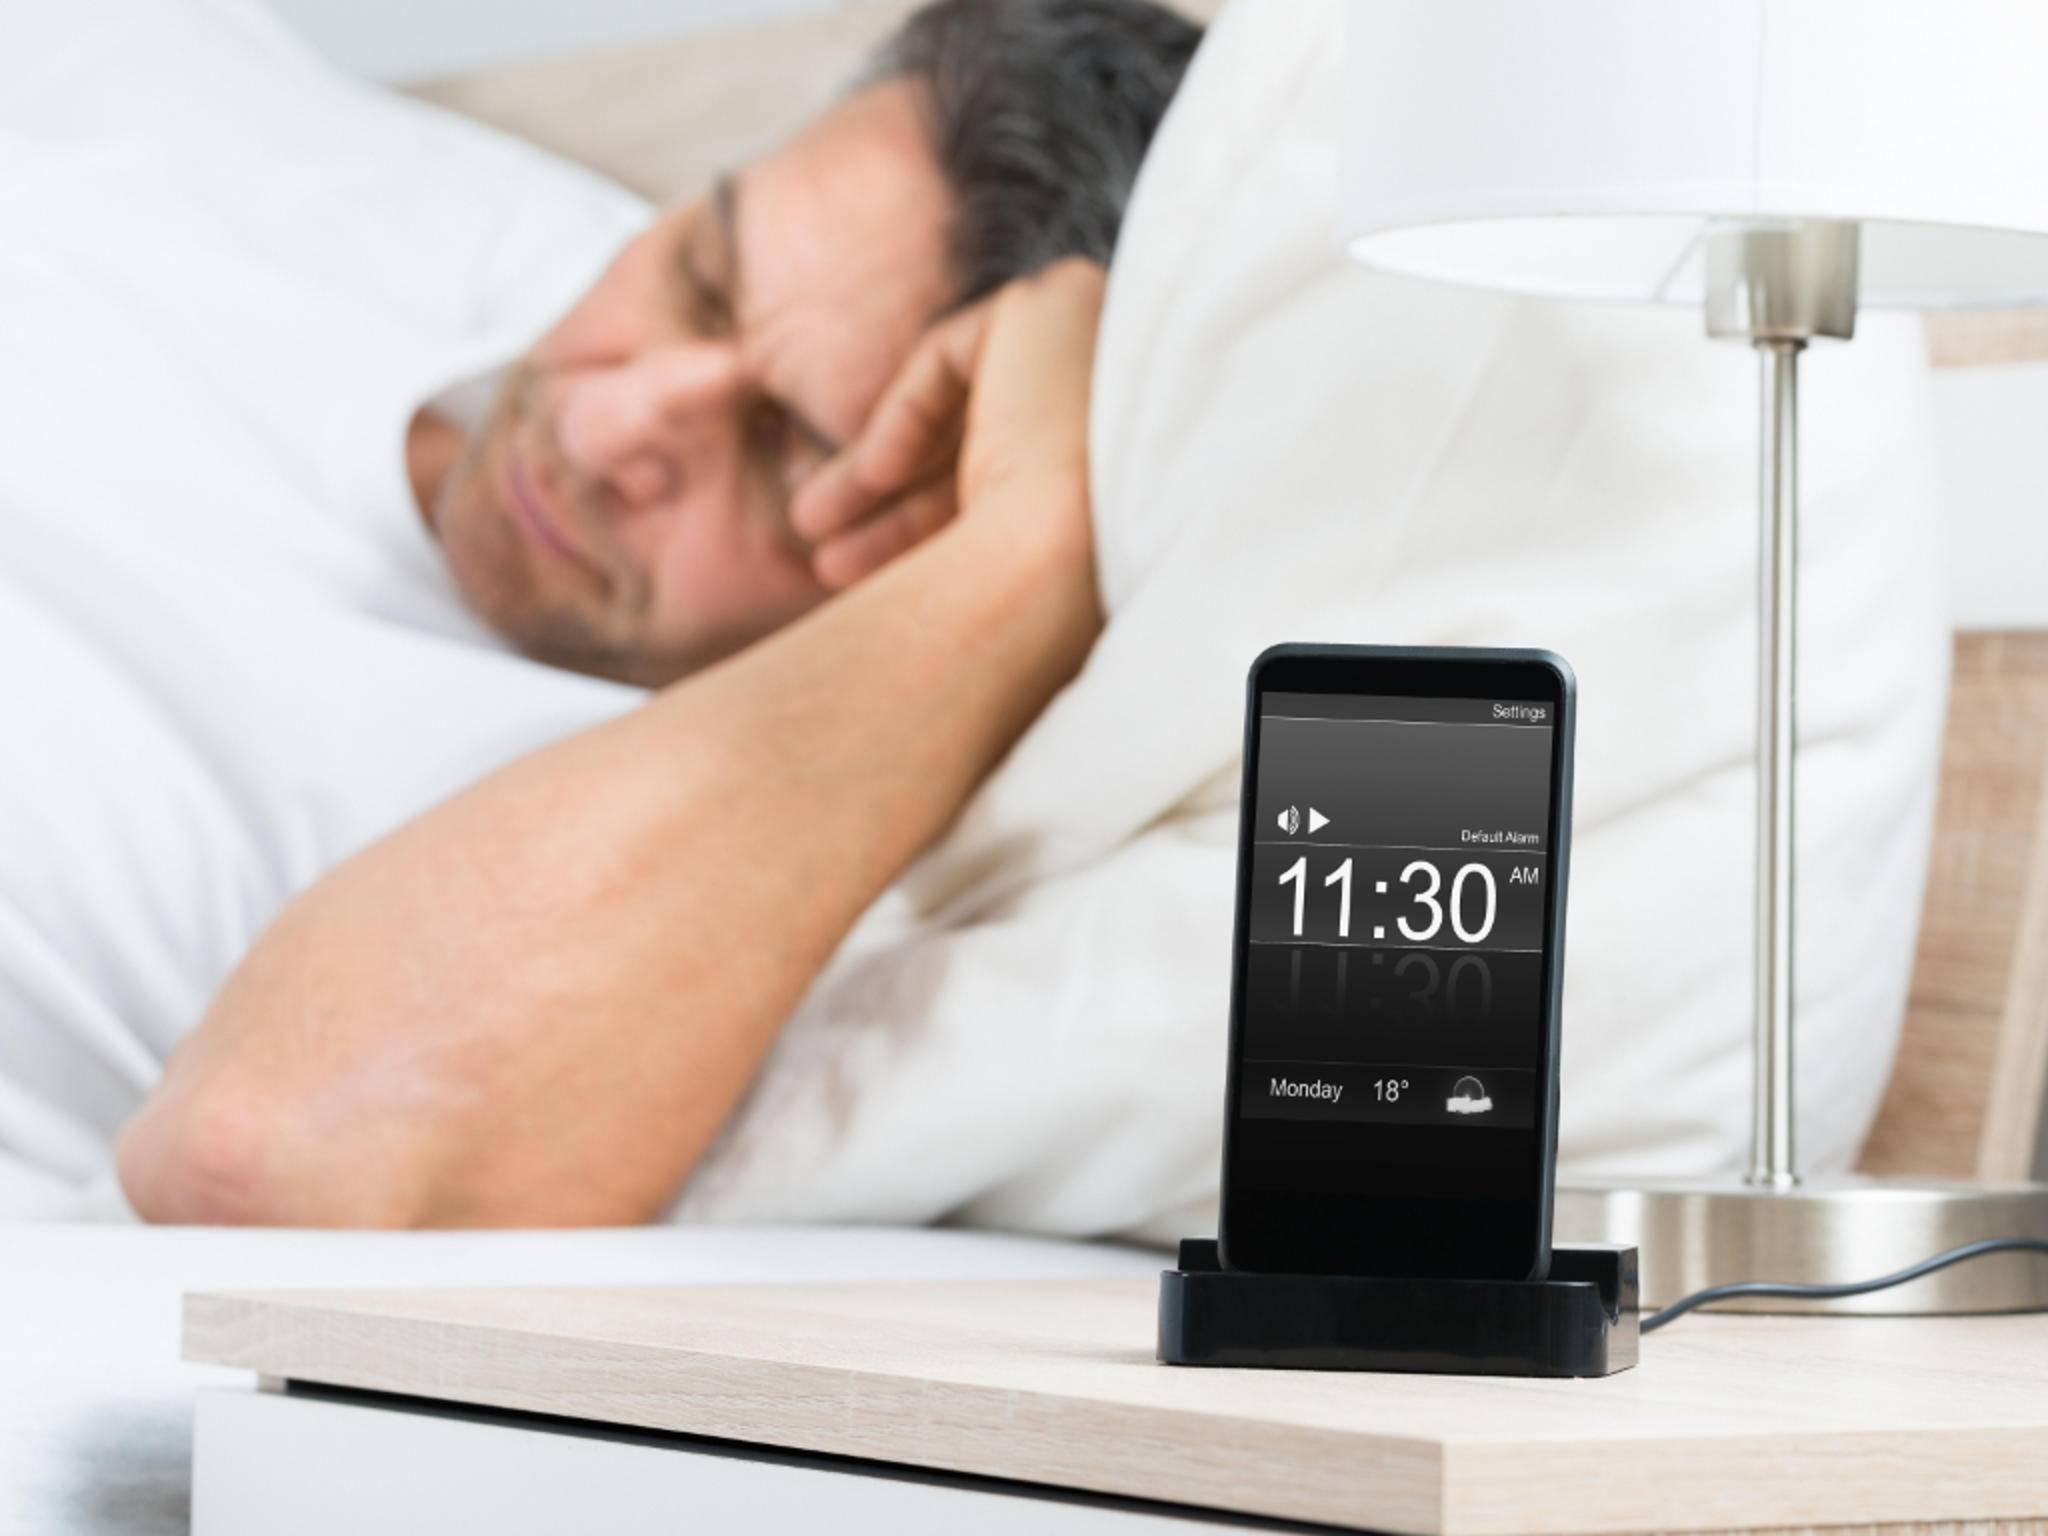 Der iOS 10-Wecker soll beim besseren Schlafen helfen.